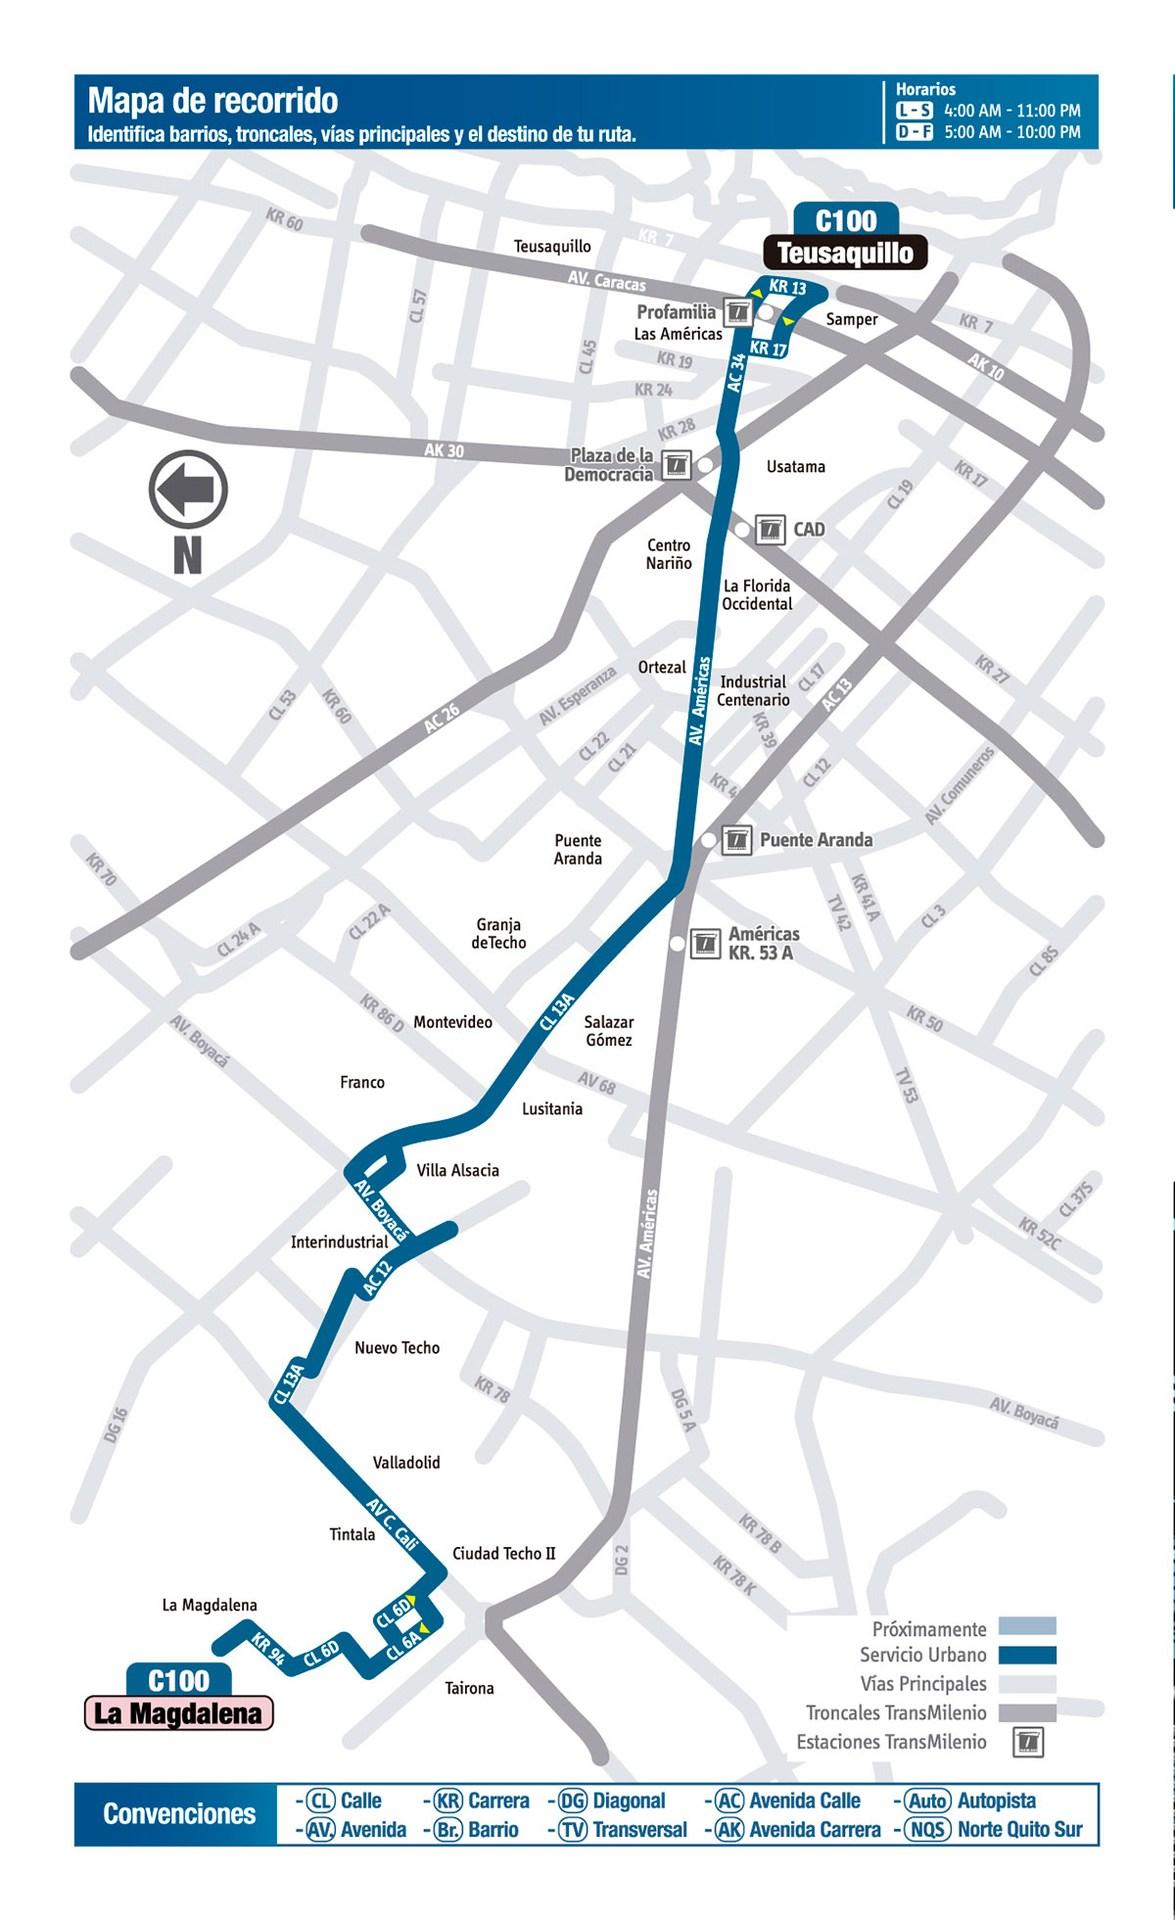 Ruta SITP: C100 La Magdalena ↔ Teusaquillo [Urbana] 3